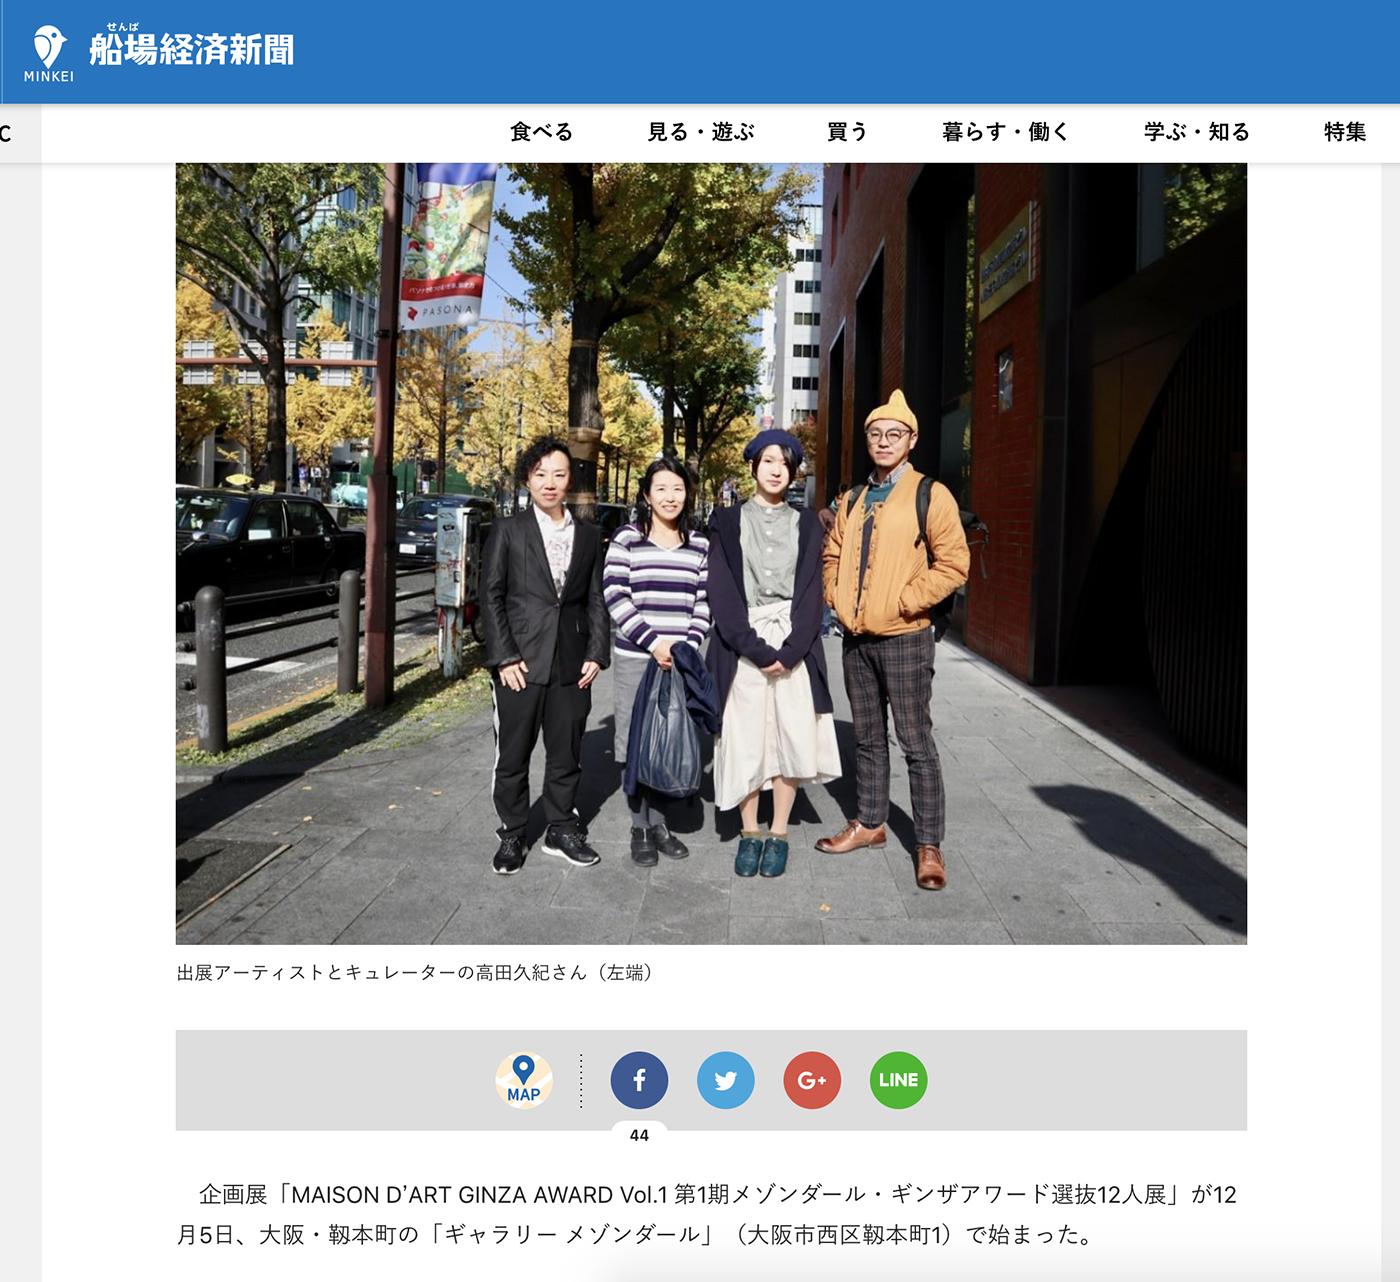 船場経済新聞に記事を掲載いただきました。 | MAISON DART NANIWA ...